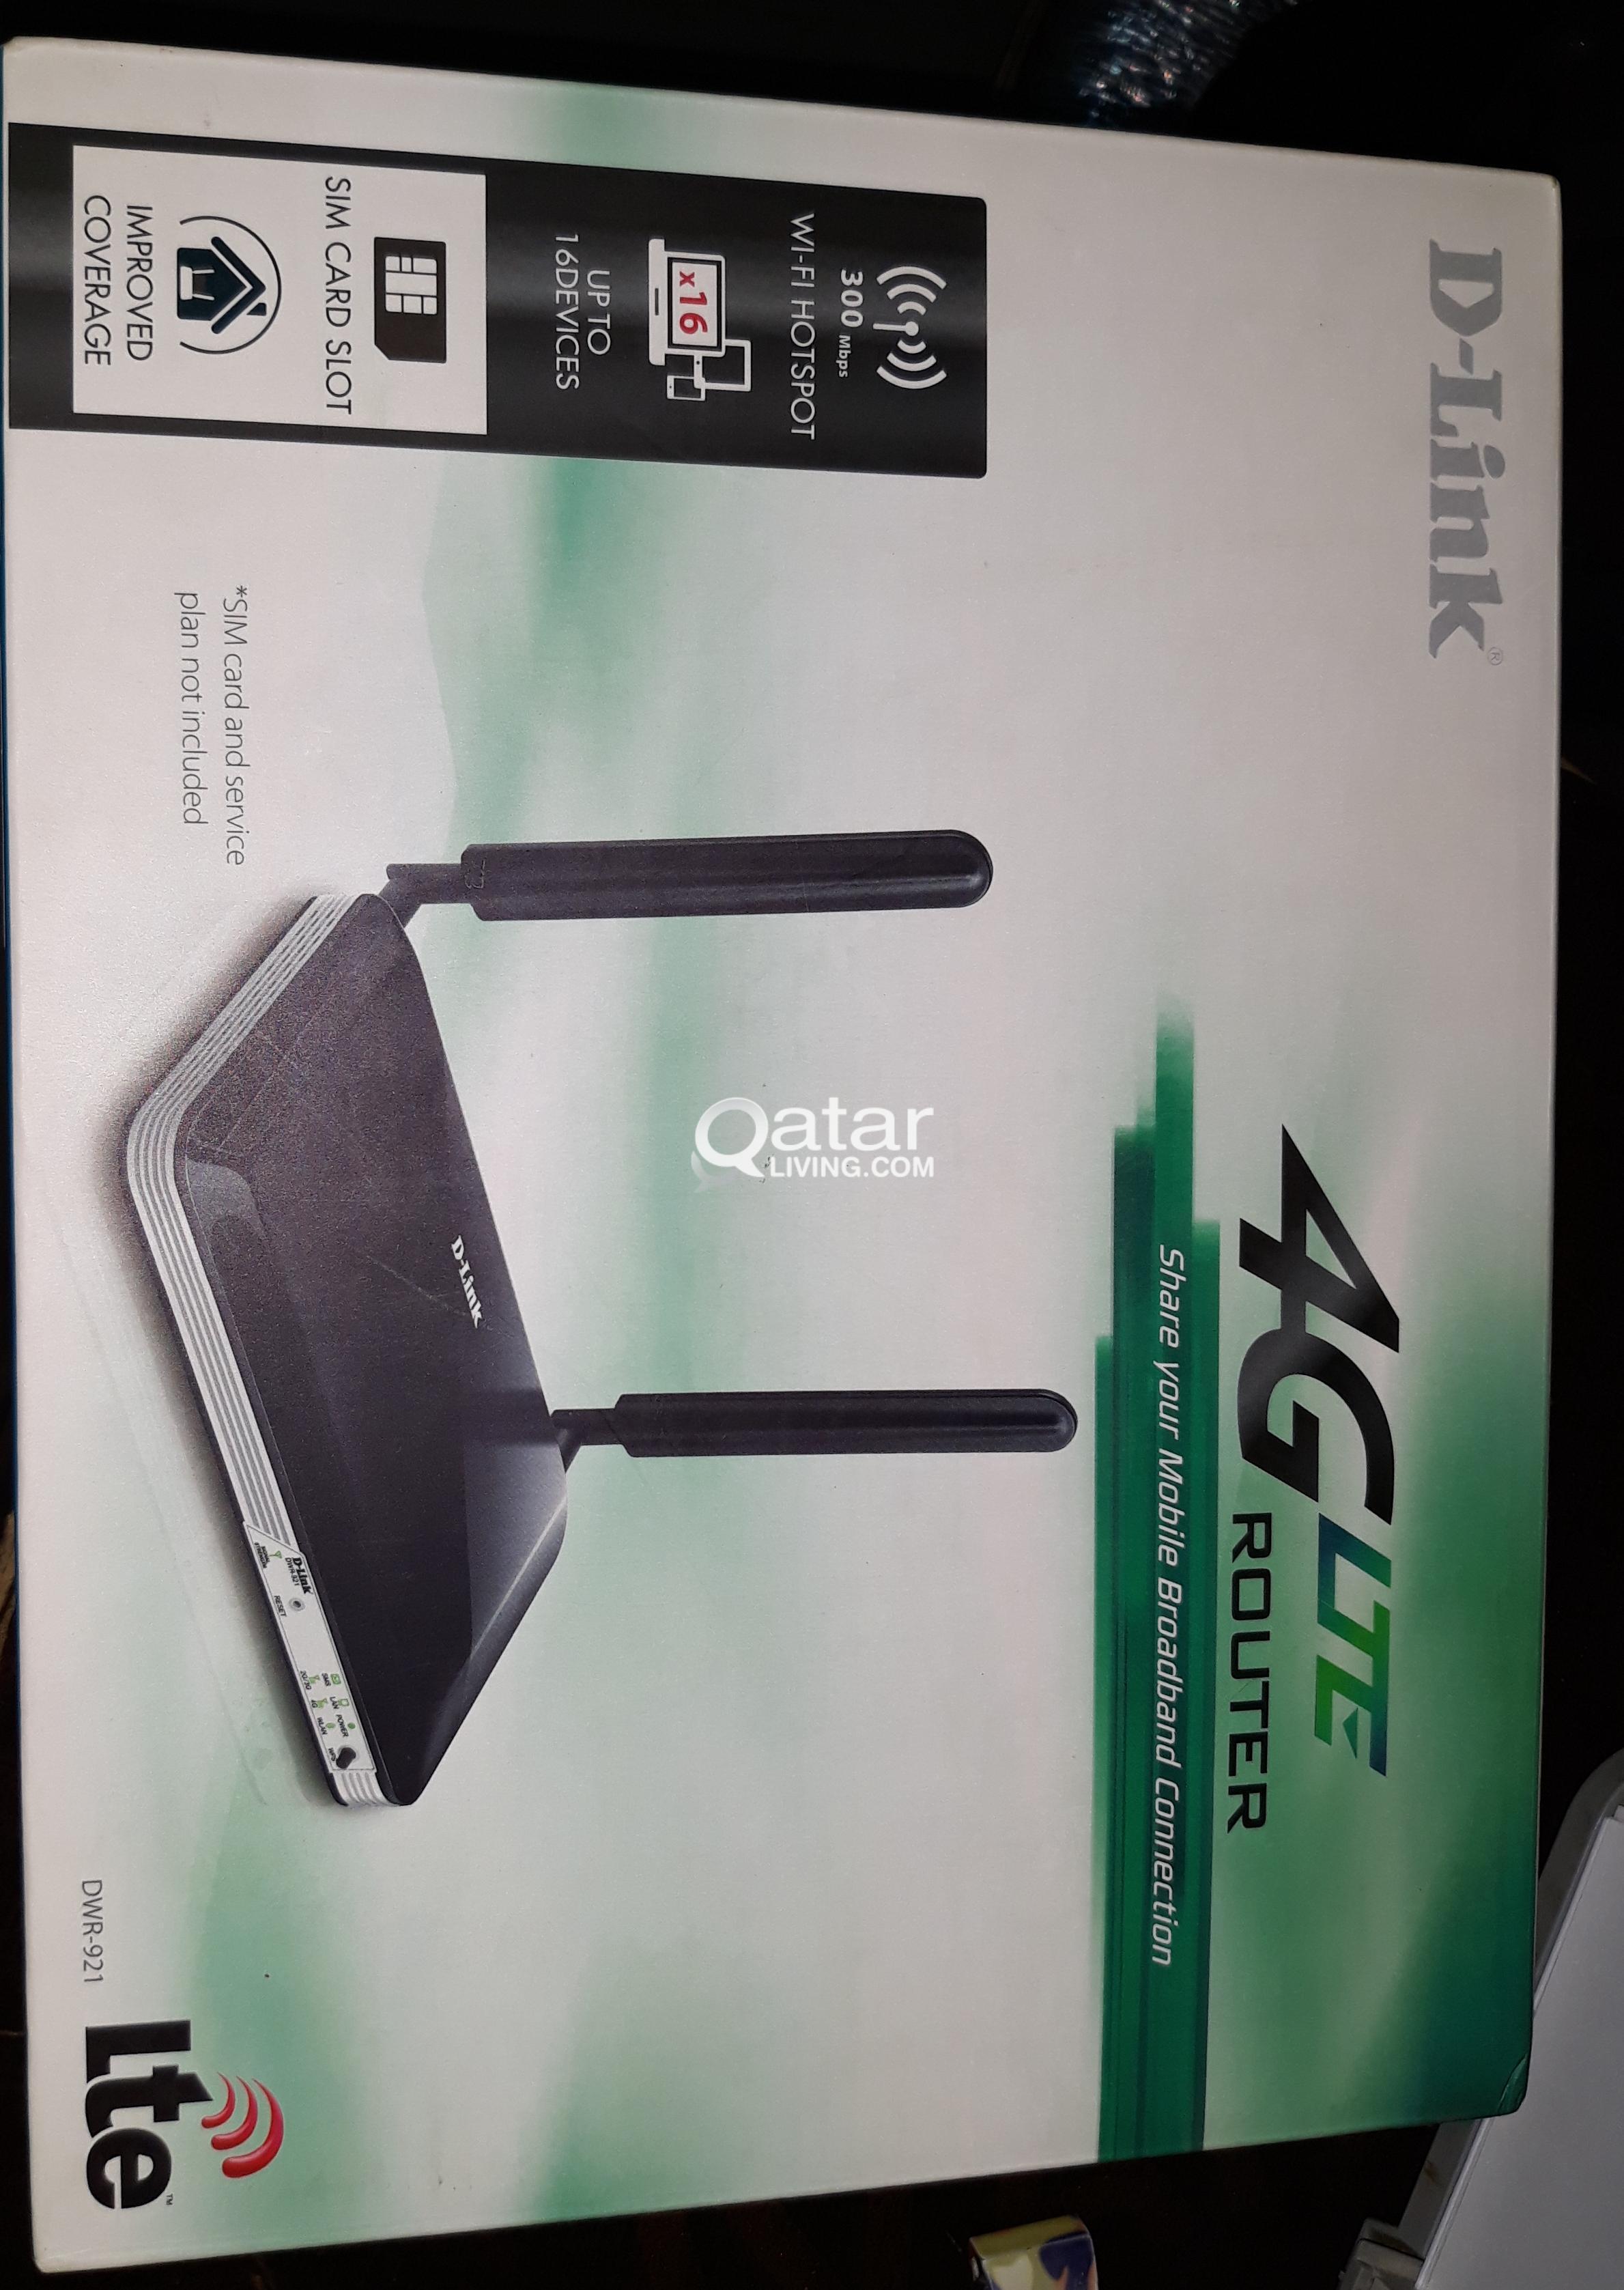 Ooredoo NETGEAR 4G+ (MYFI) & D-Link Router DWR-921   Qatar Living